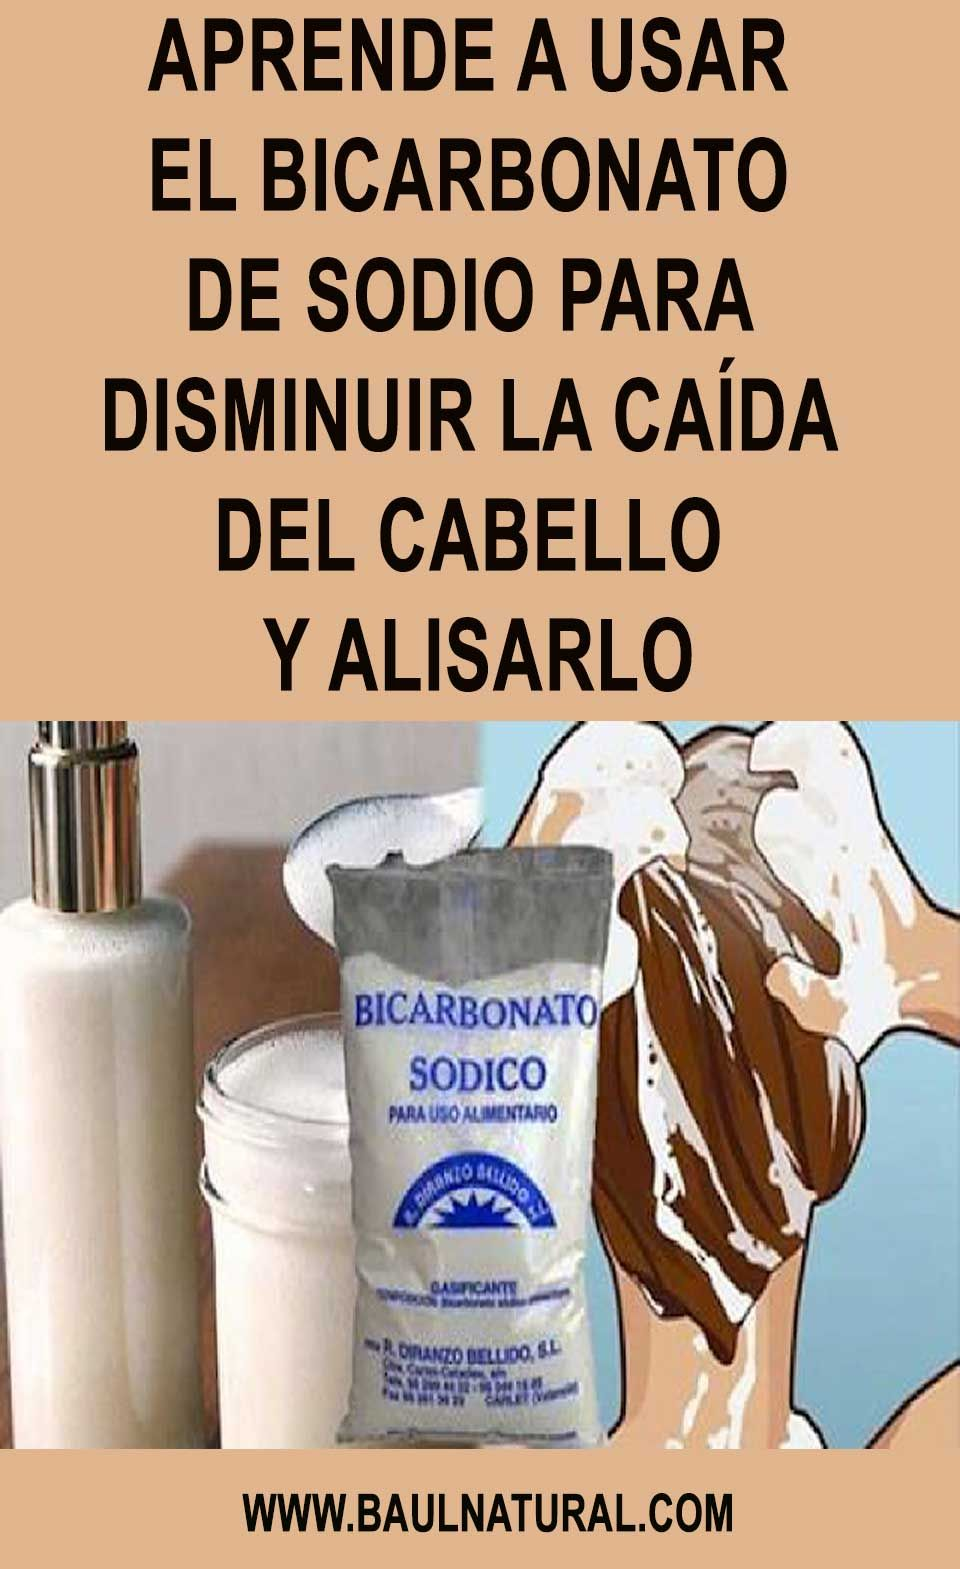 Coca Cola Para El Cabello Para Que Sirve Aprende A Usar El Bicarbonato De Sodio Para Disminuir La Caida Del